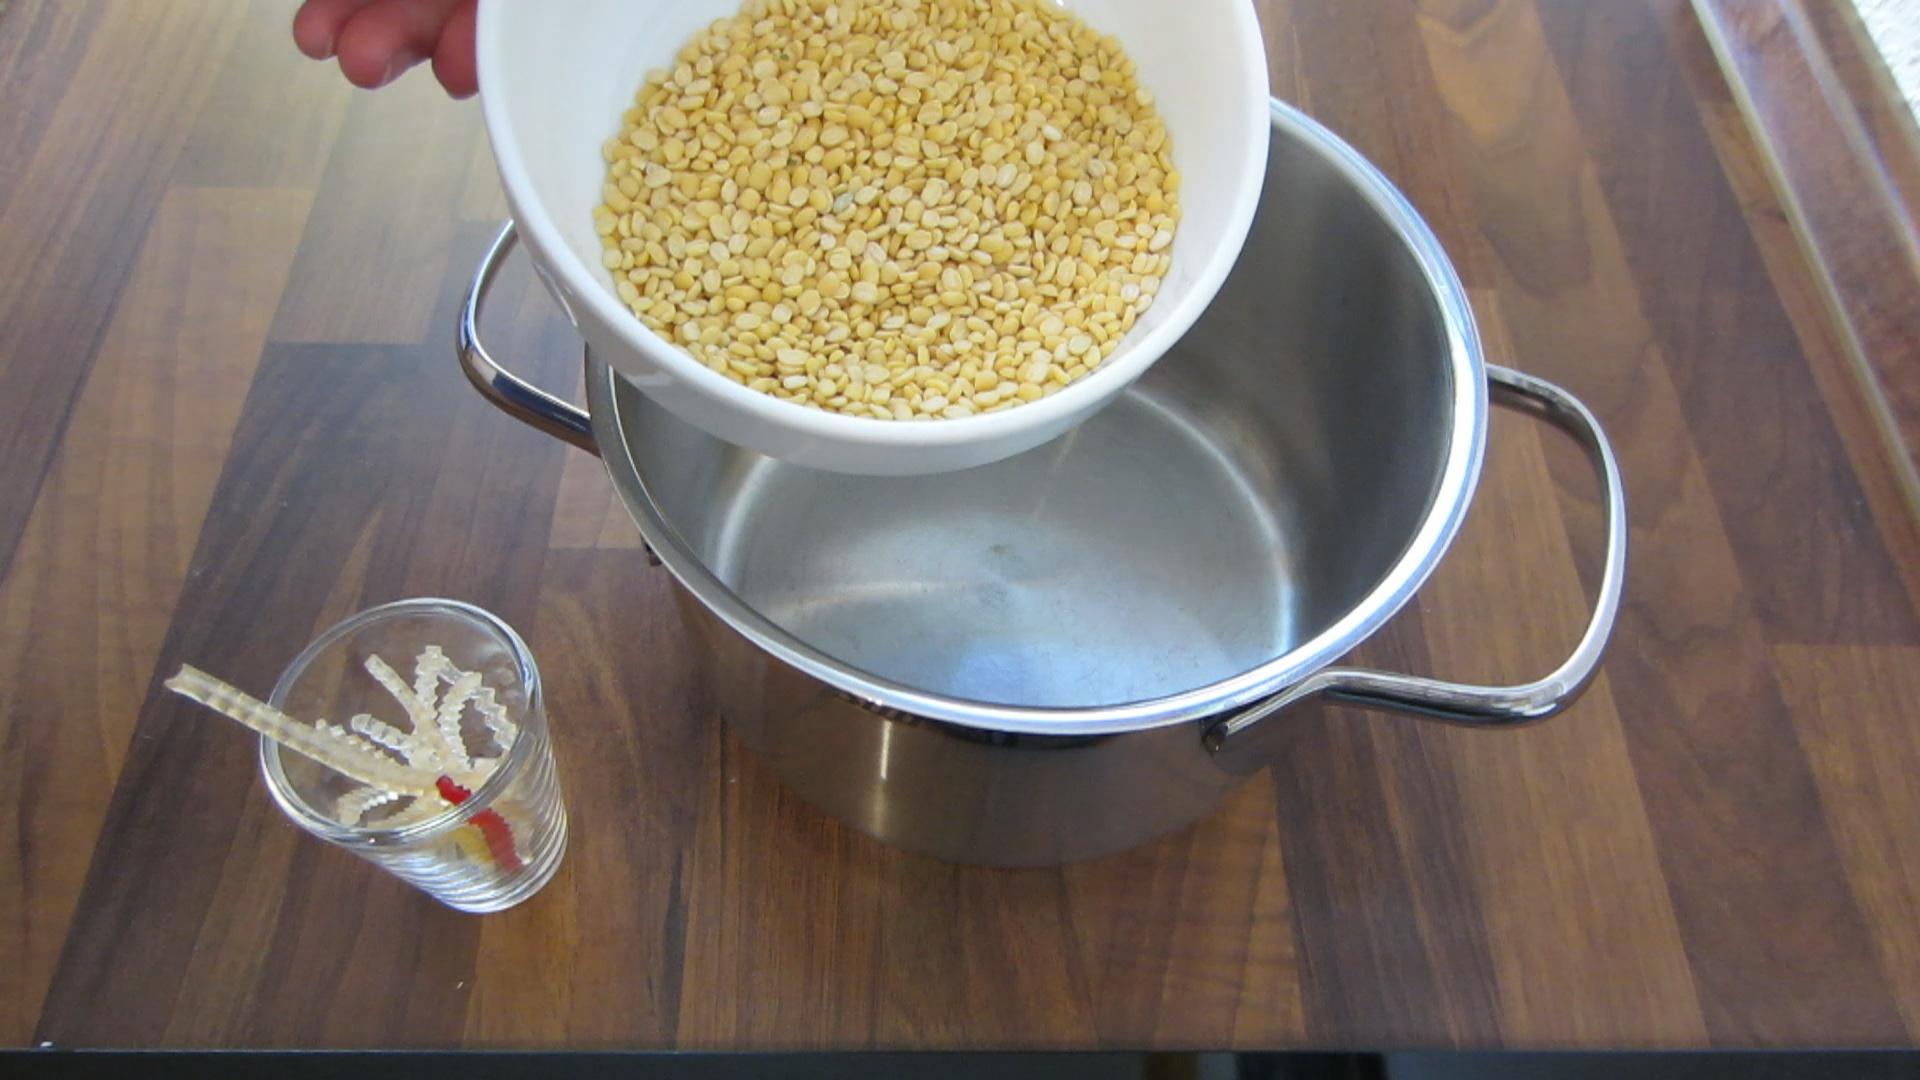 2014-07-11 chè đậu xanh bột khoai - Süße Mungbohnen Suppe mit geschreddertem Tapioka und Tapiokakugeln (4).jpg